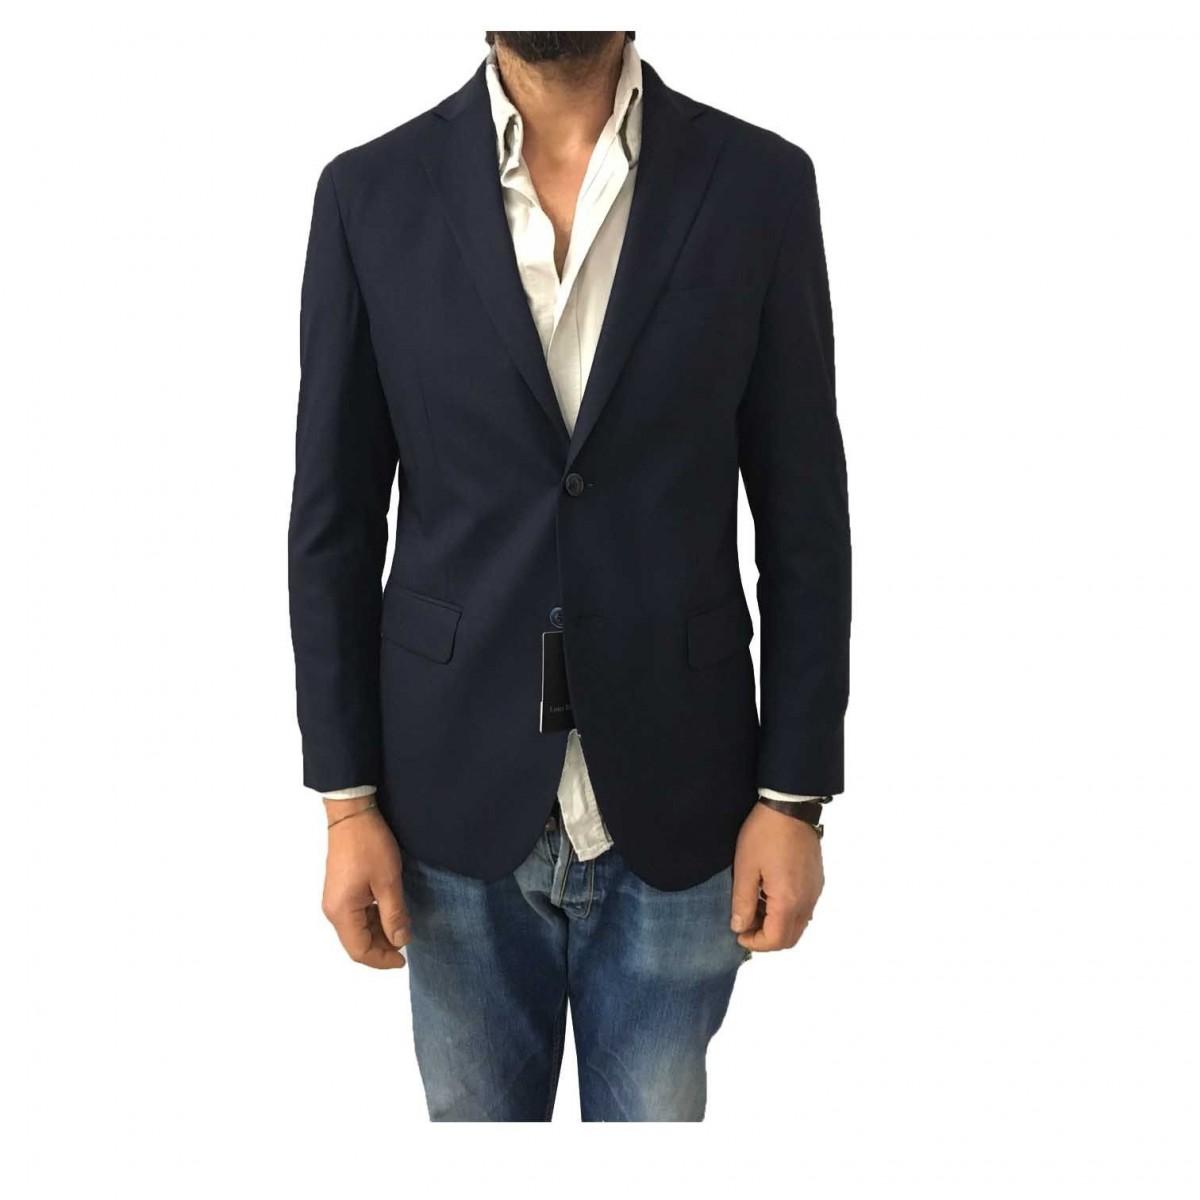 new concept 95876 b49c5 LUIGI BIANCHI MANTOVA giacca uomo blu sfoderata 100% lana ...